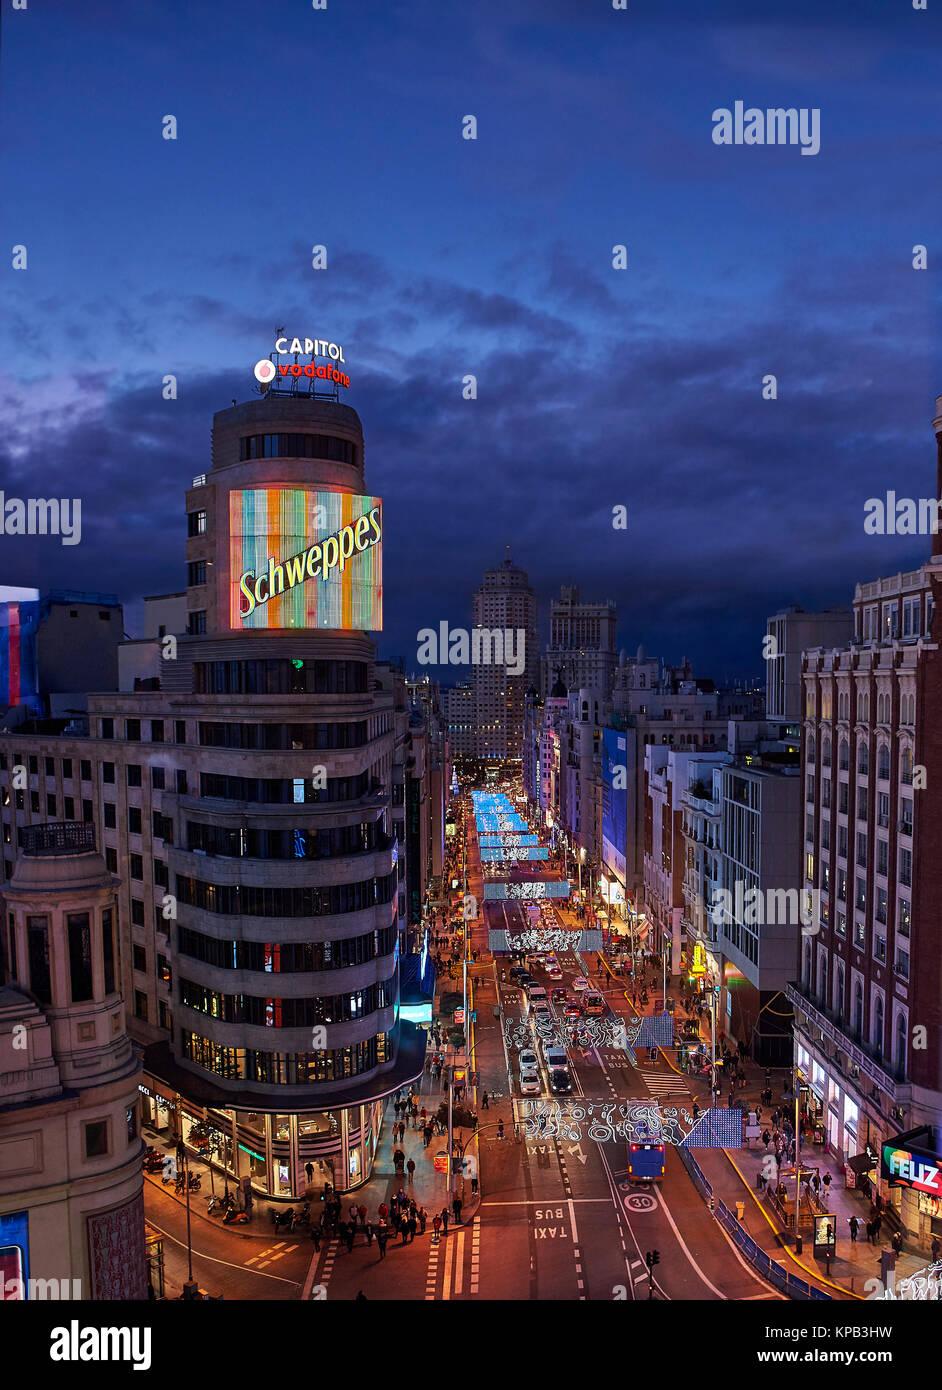 Vista del tramonto di Gran Via illuminata da luci di Natale e cartelli di segnalazione al neon si trova nel centro Immagini Stock